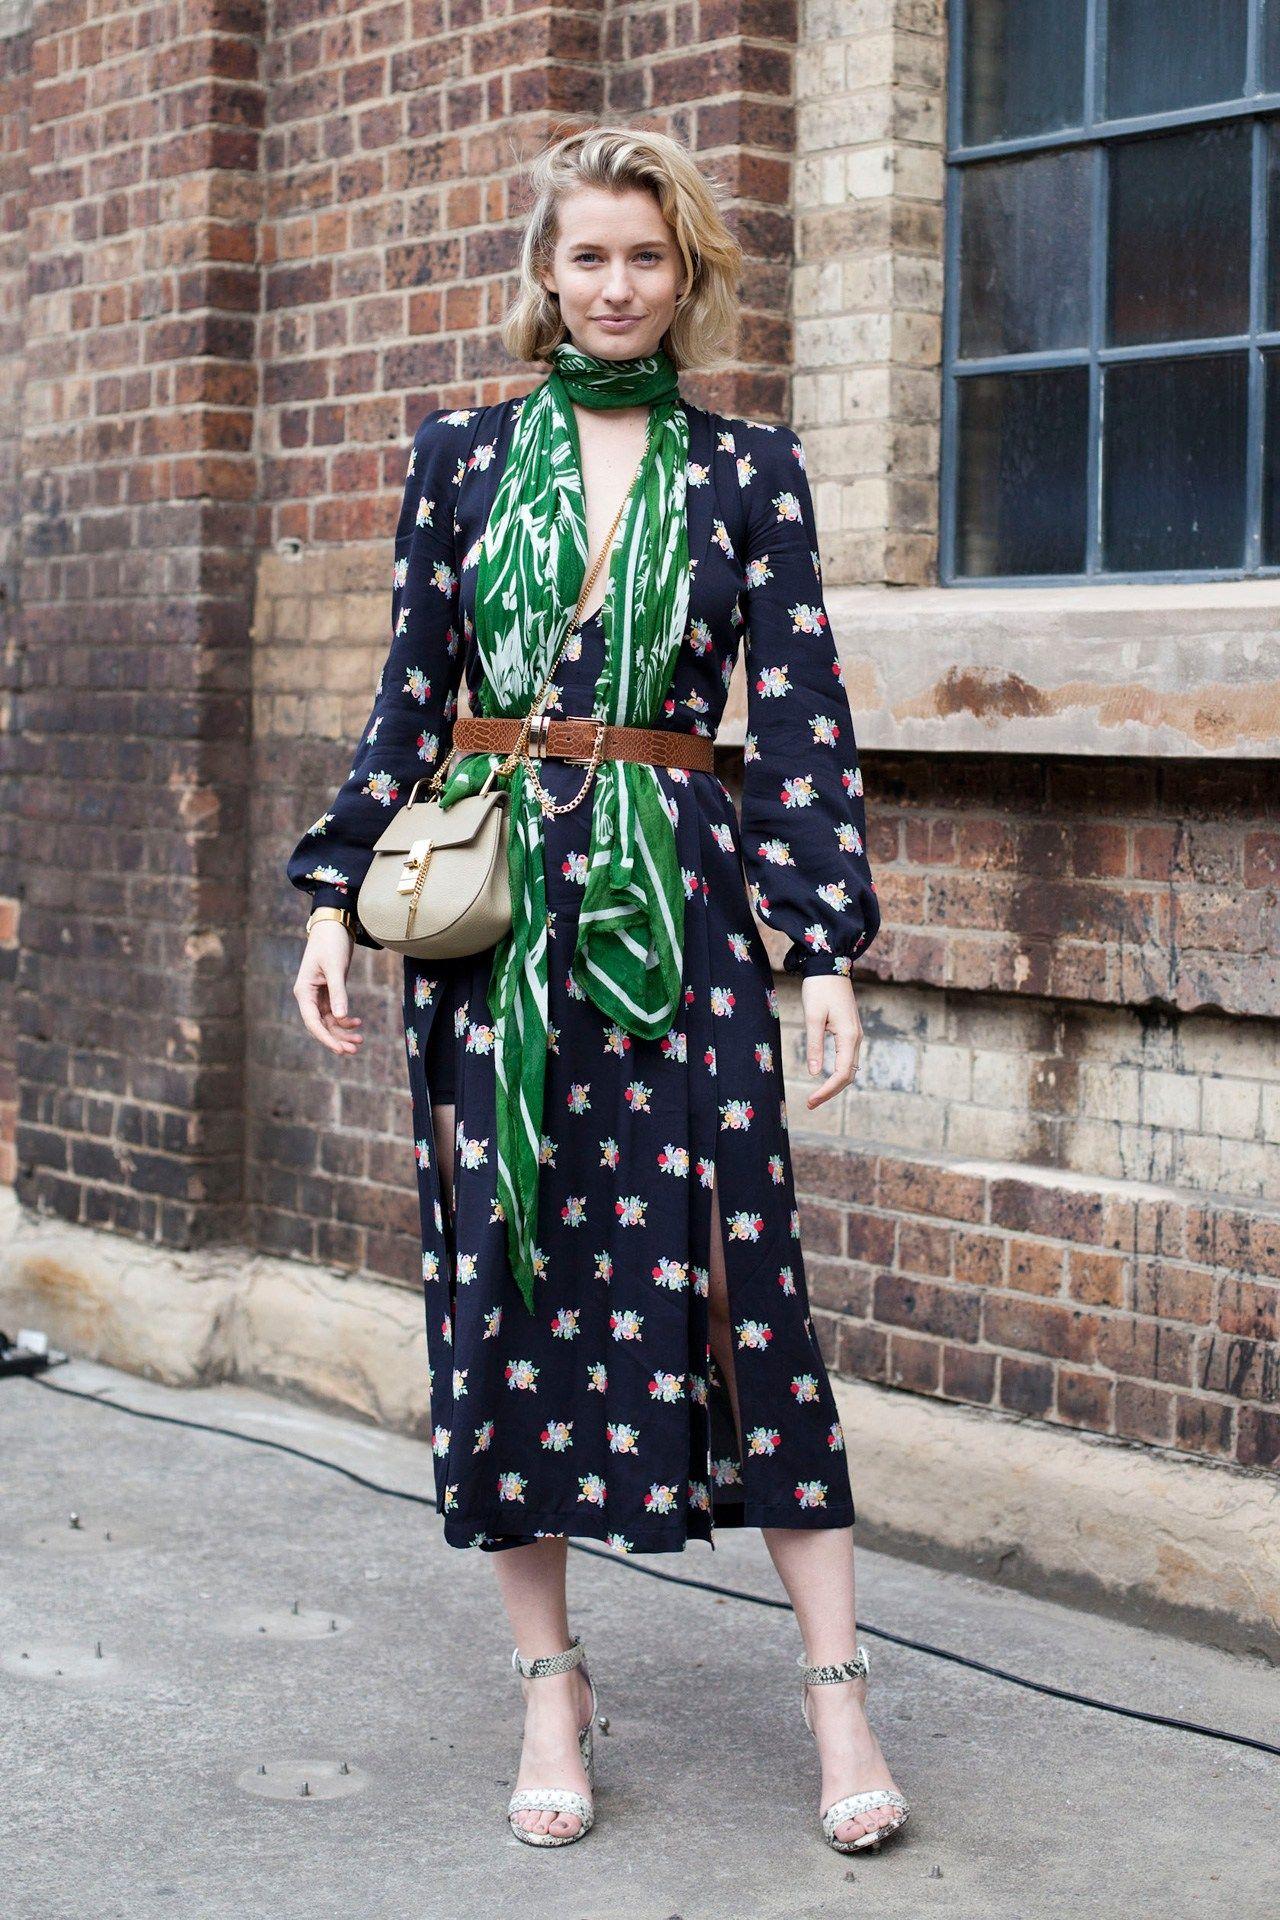 Street Chic: Fashion Week Street Chic: Fashion Week new photo